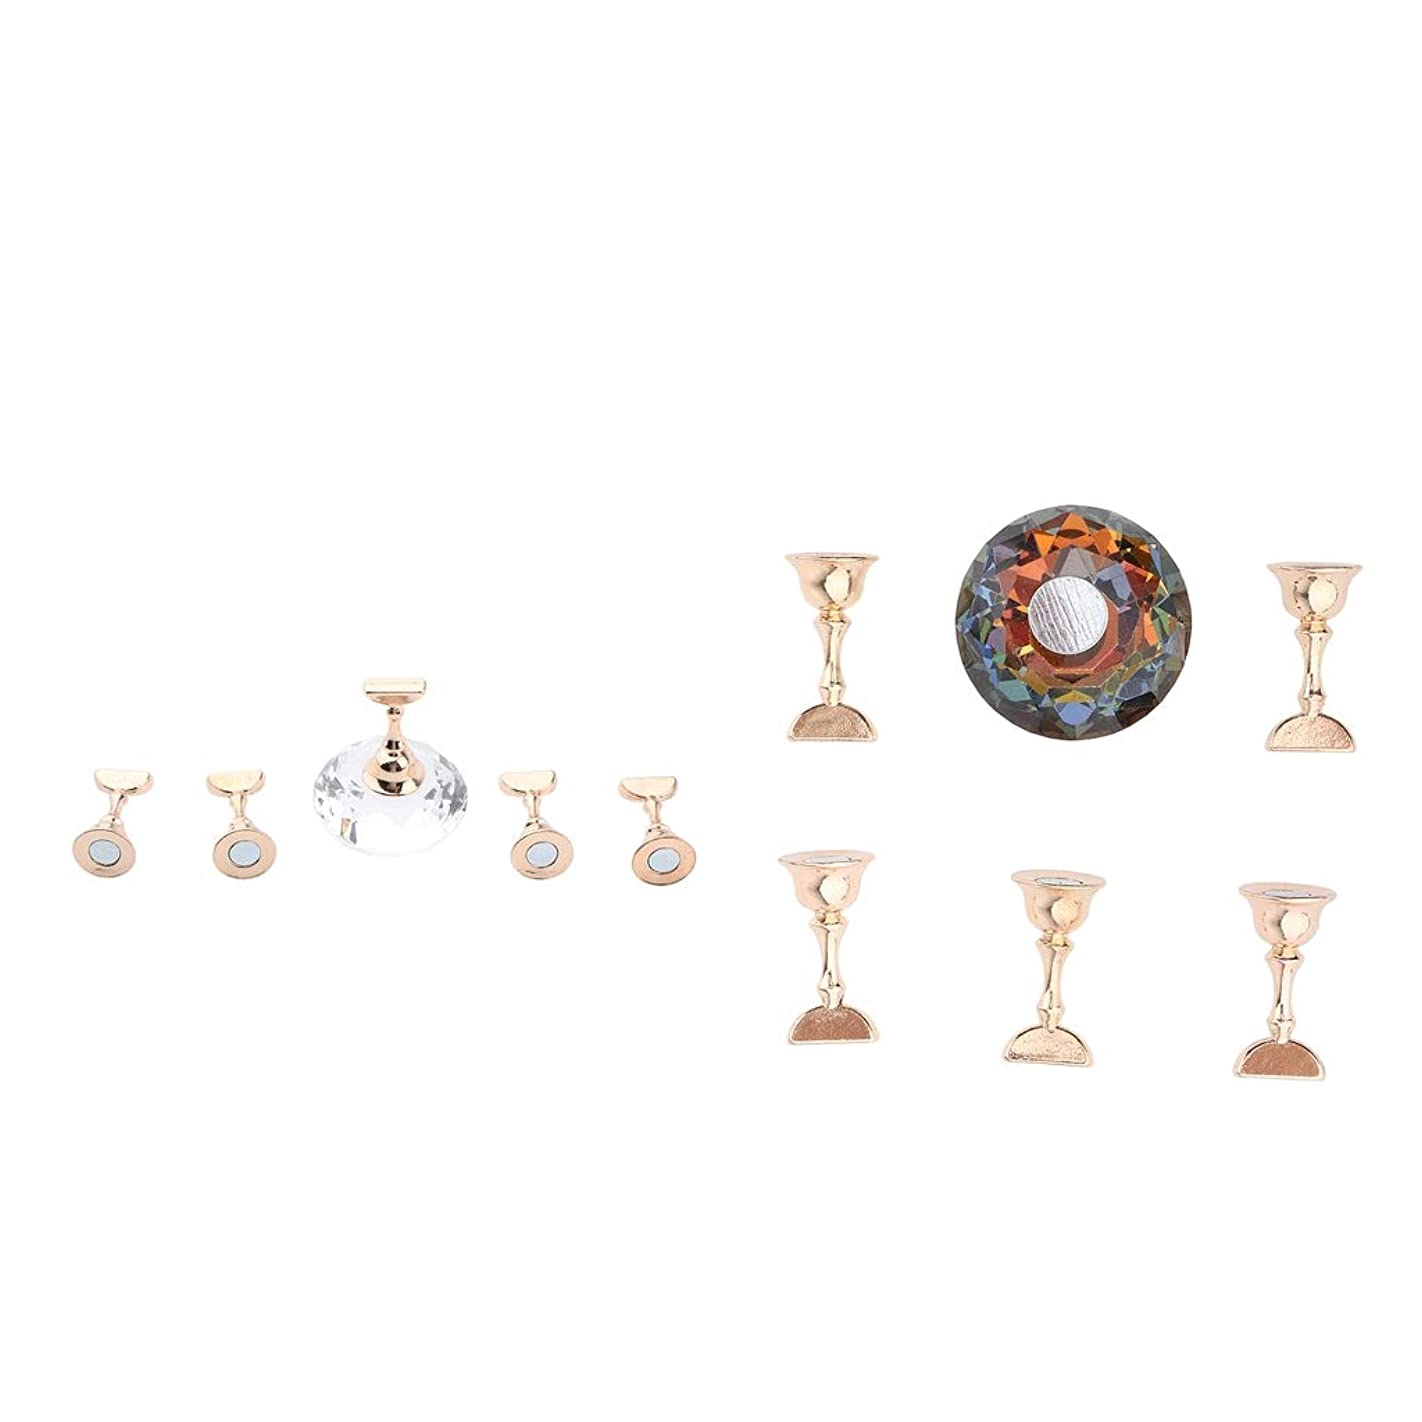 瀬戸際ケージ平行ネイルチップスタンド ディスプレイホルダー 磁気 ネイルアート道具 ネイルアートサロン用品